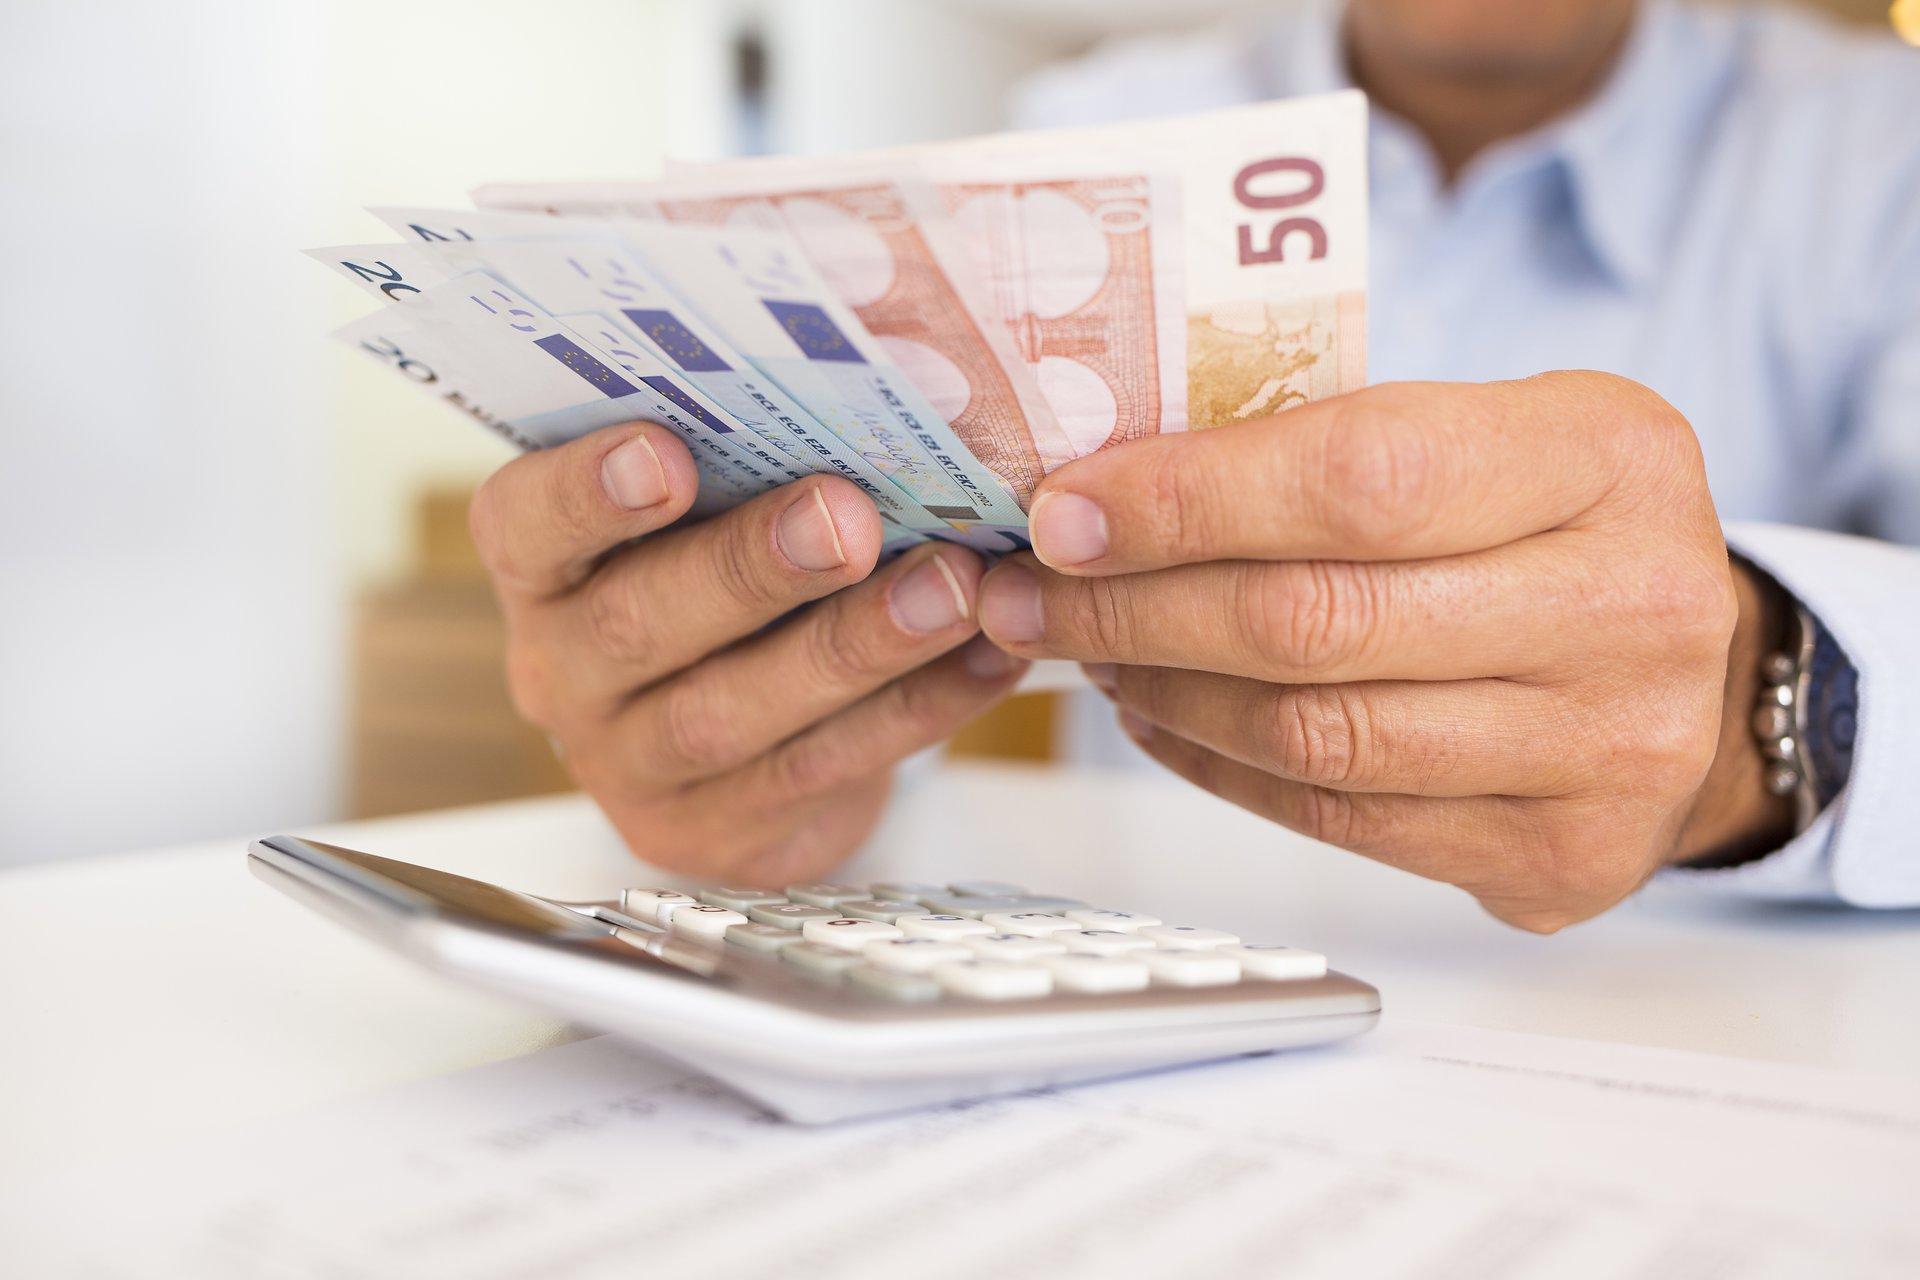 bināro opciju padomi iesācējam papildu ienākumu definīcija